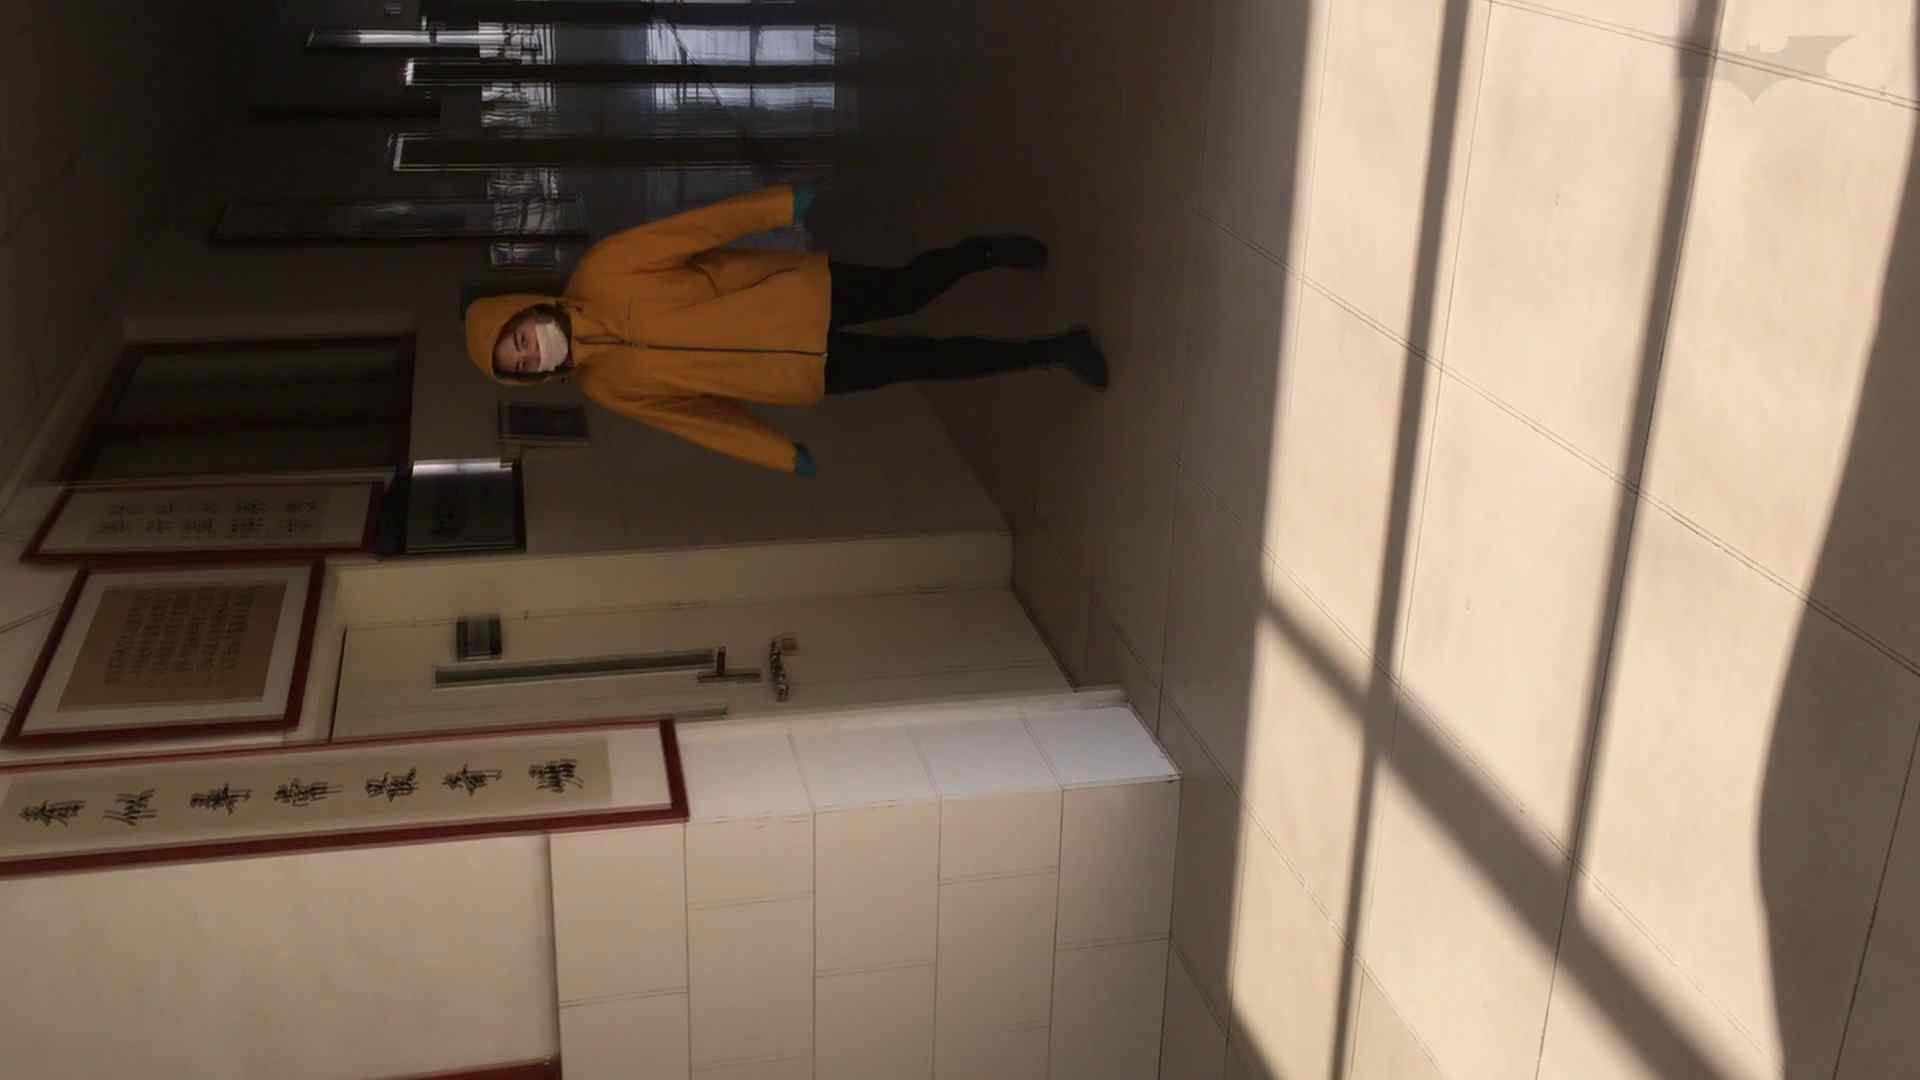 芸術大学ガチ潜入盗撮 JD盗撮 美女の洗面所の秘密 Vol.91 トイレ  84pic 19